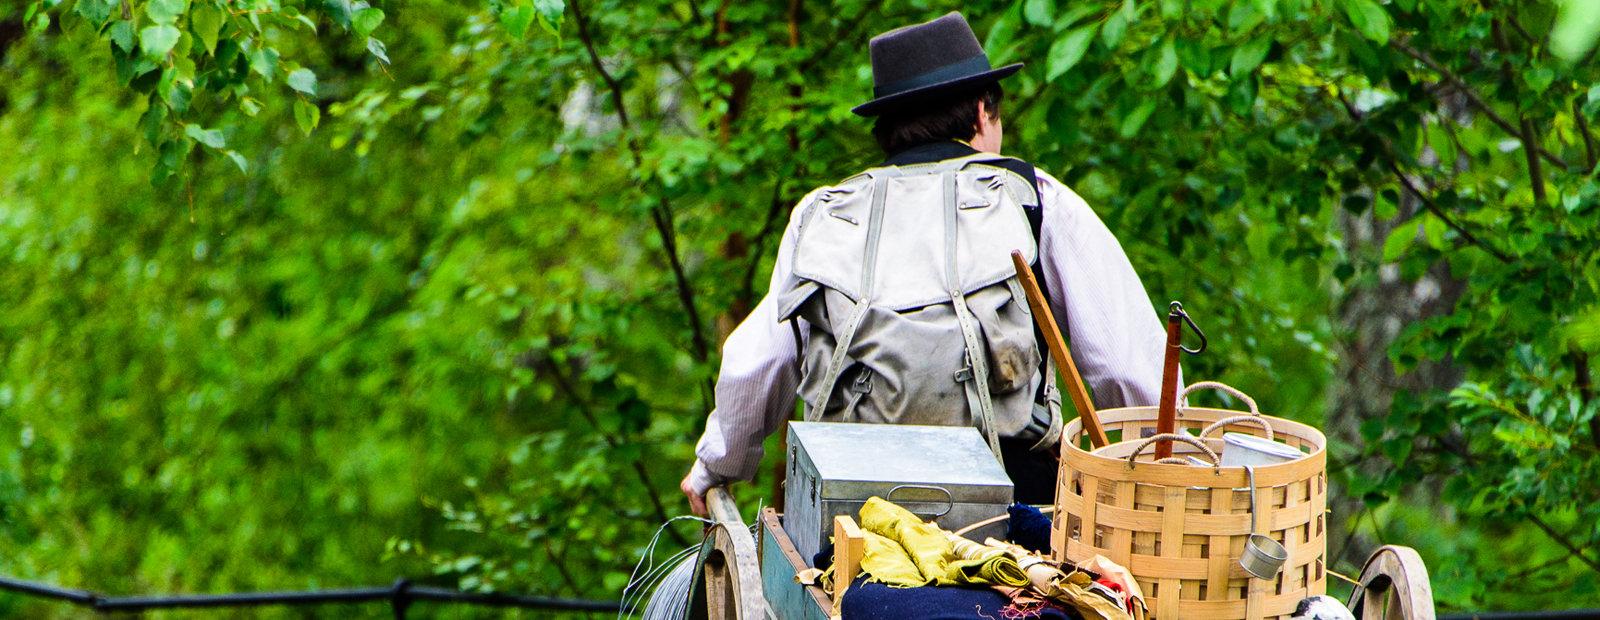 Mann med hatt og sekk trekker en kjerre med saker og ting etter seg på friluftsmuseet Maihaugen på Lillehammer.